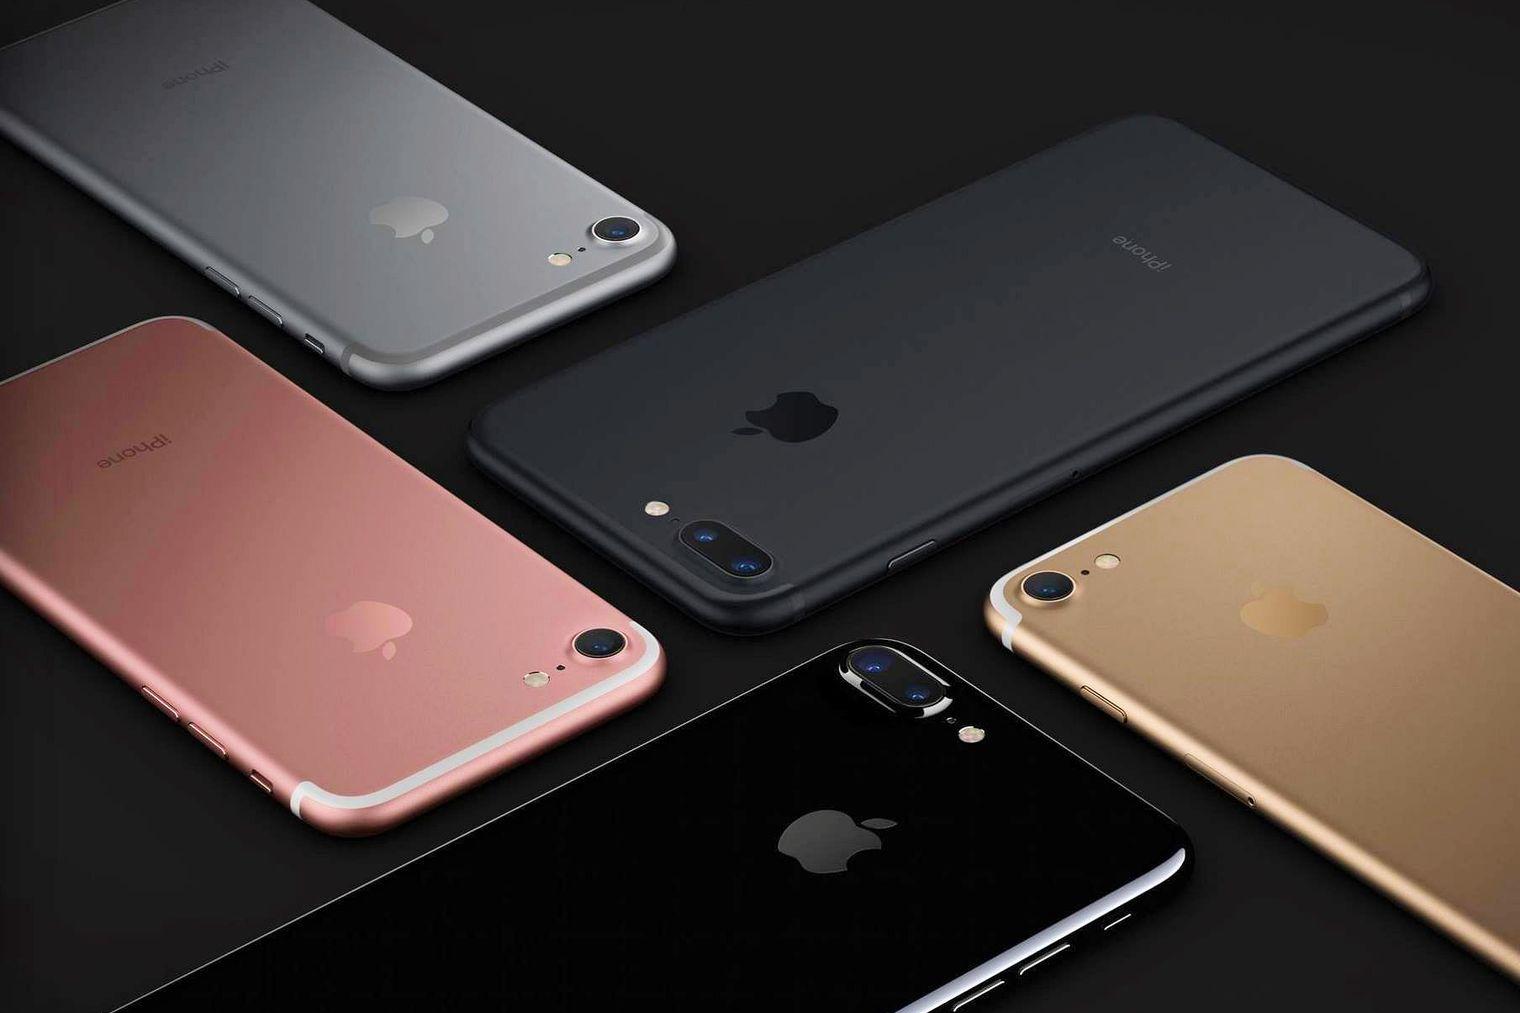 iPhone 7 ikke nok til å friste Samsung-kundene, hevder analytiker.